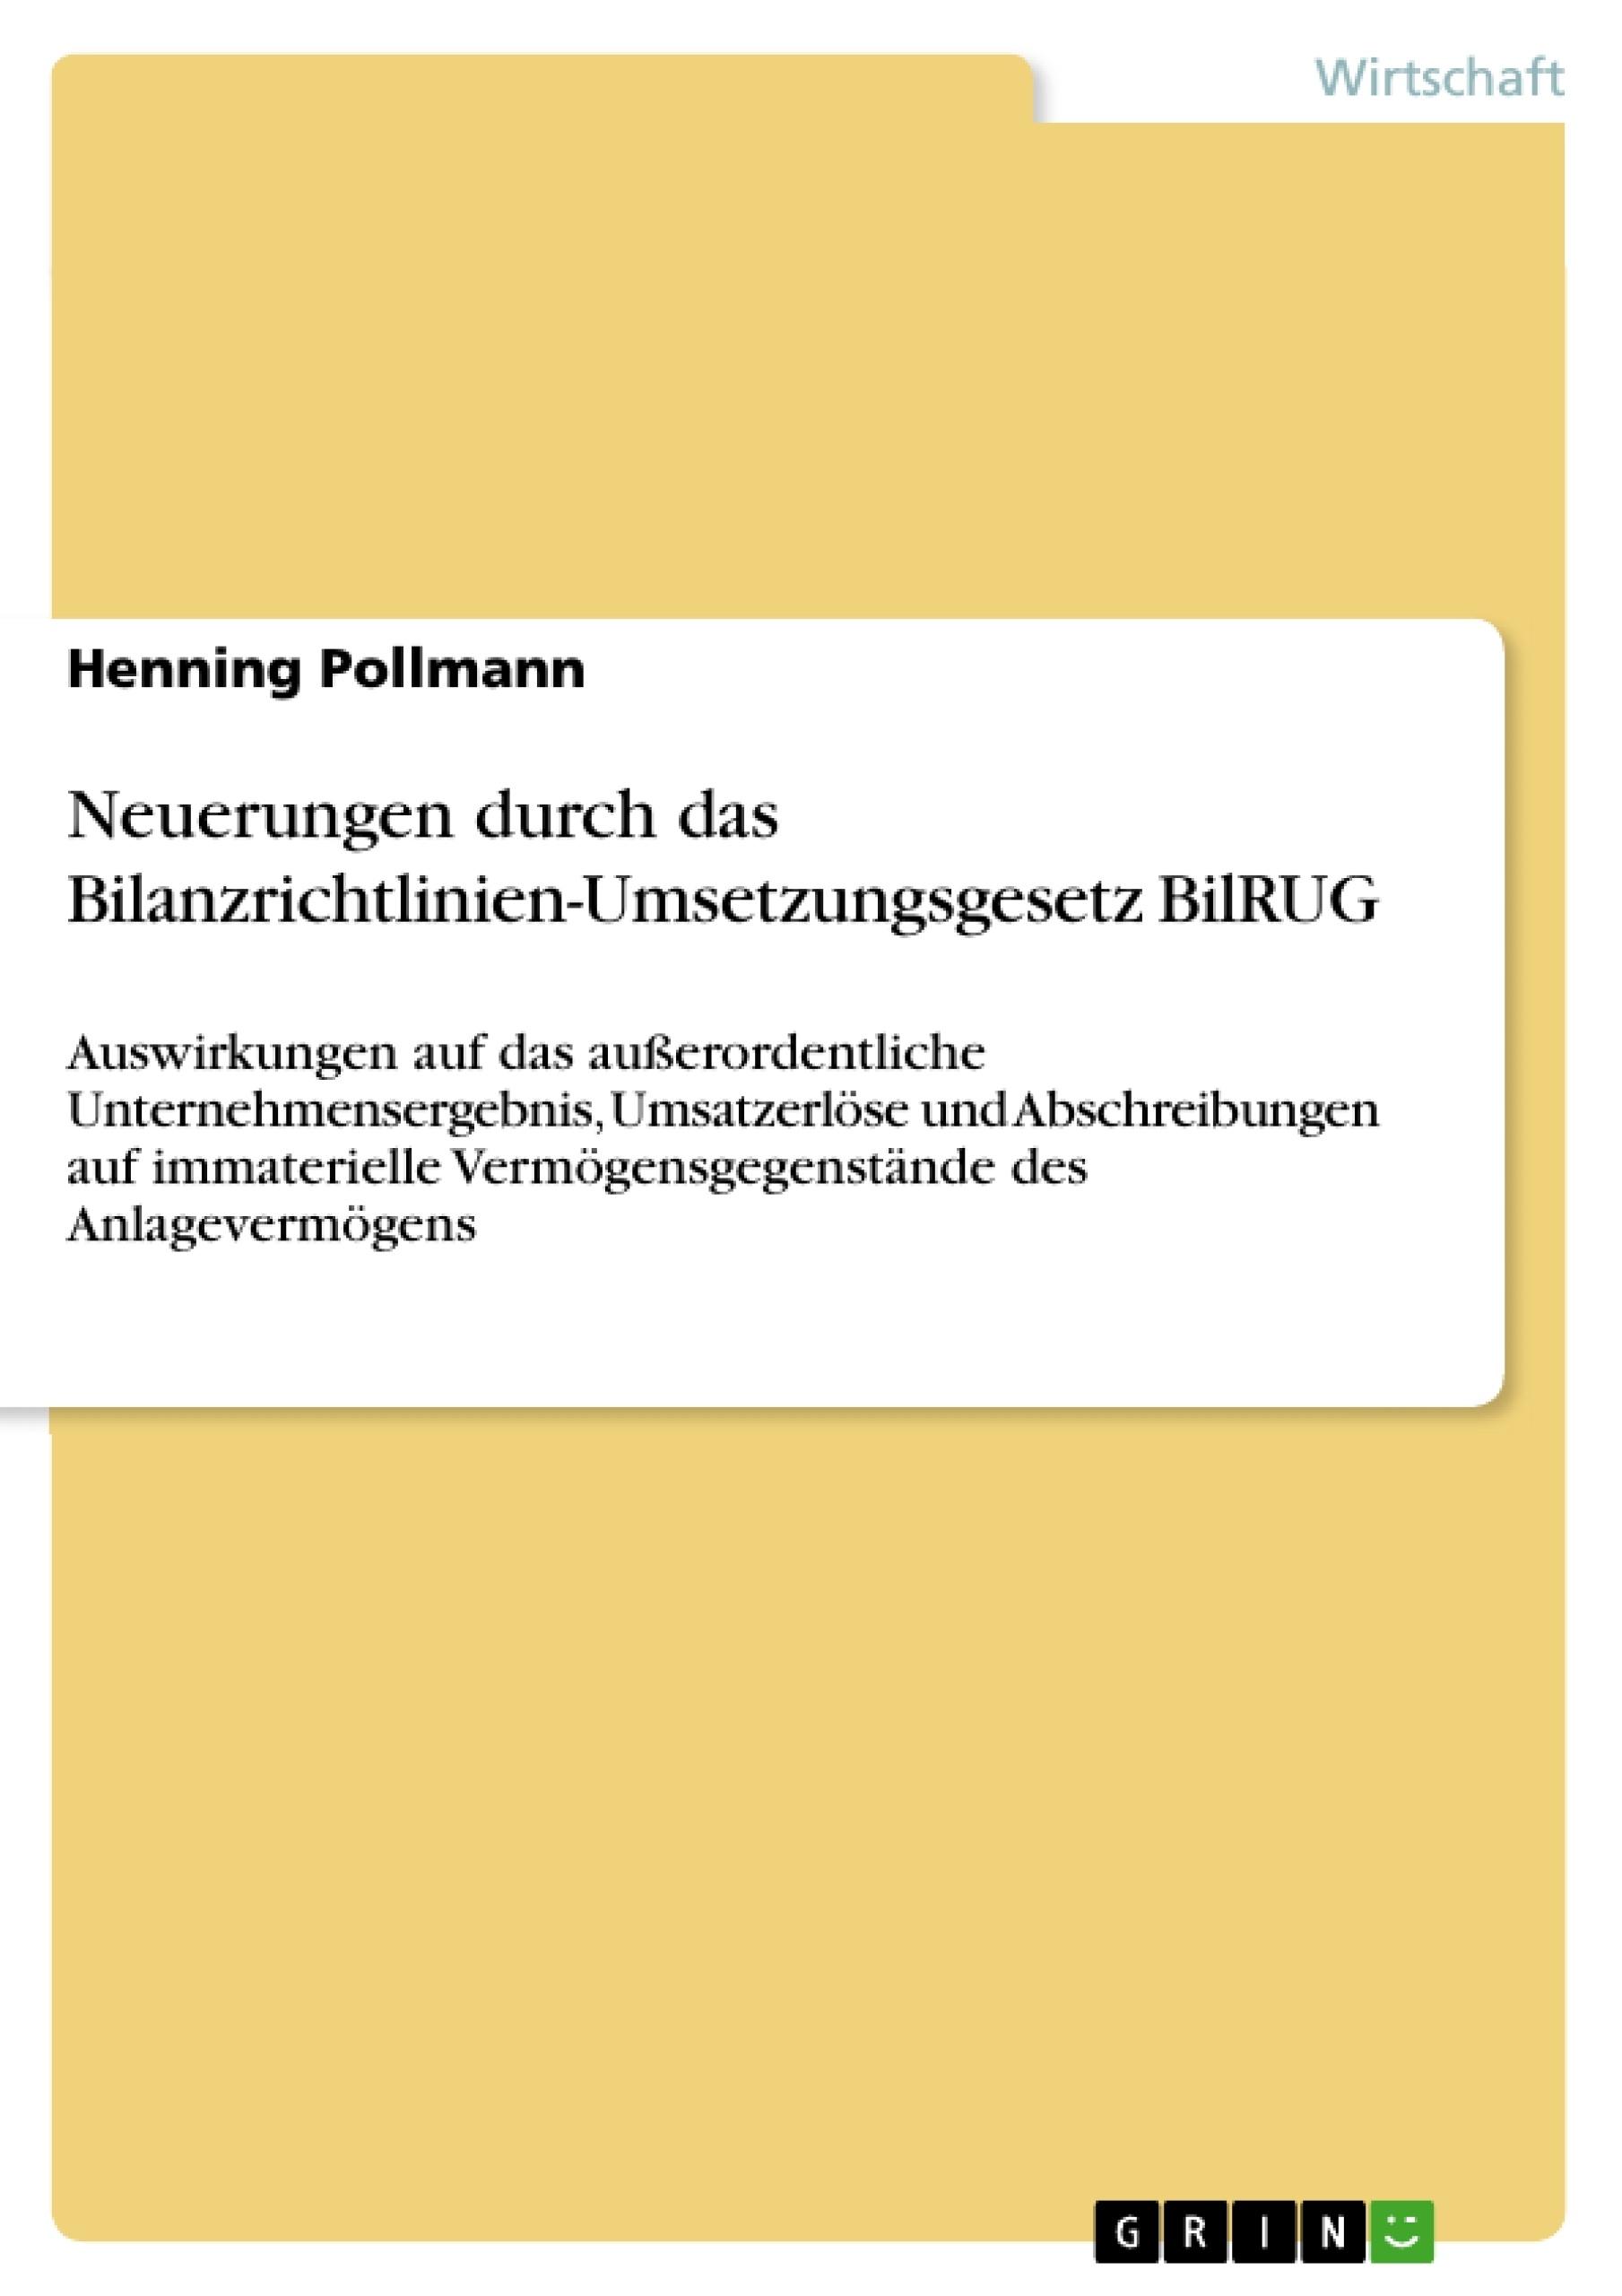 Titel: Neuerungen durch das Bilanzrichtlinien-Umsetzungsgesetz BilRUG